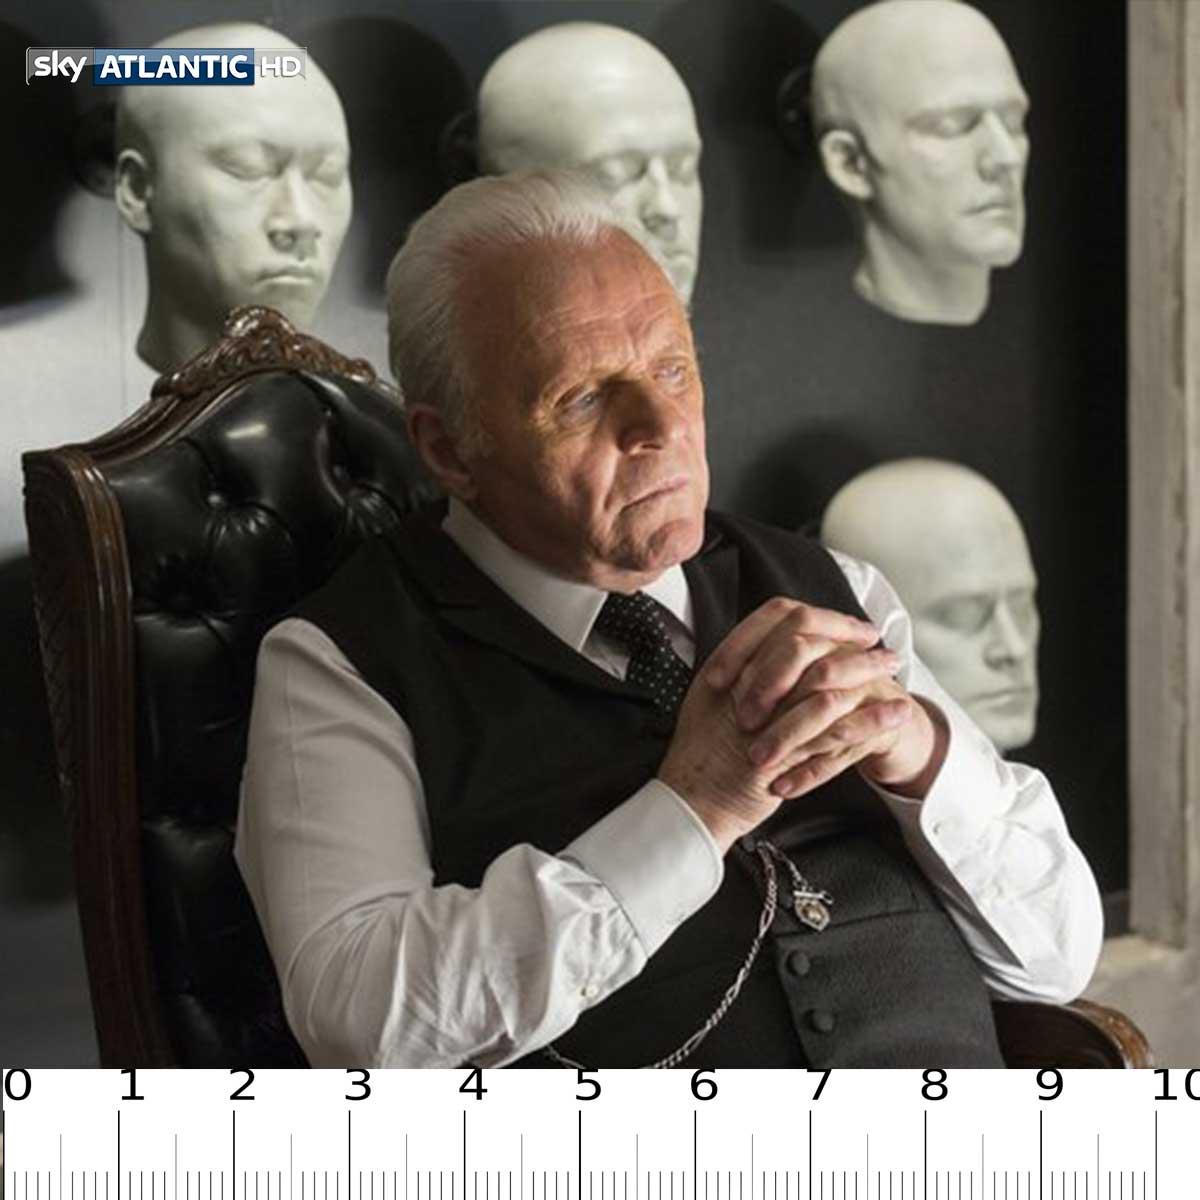 Studio antropologico: in una scala da 1 al Dottor Ford, quanto vi esaltate quando riuscite a prevedere il finale di una serie tv? #Westworld